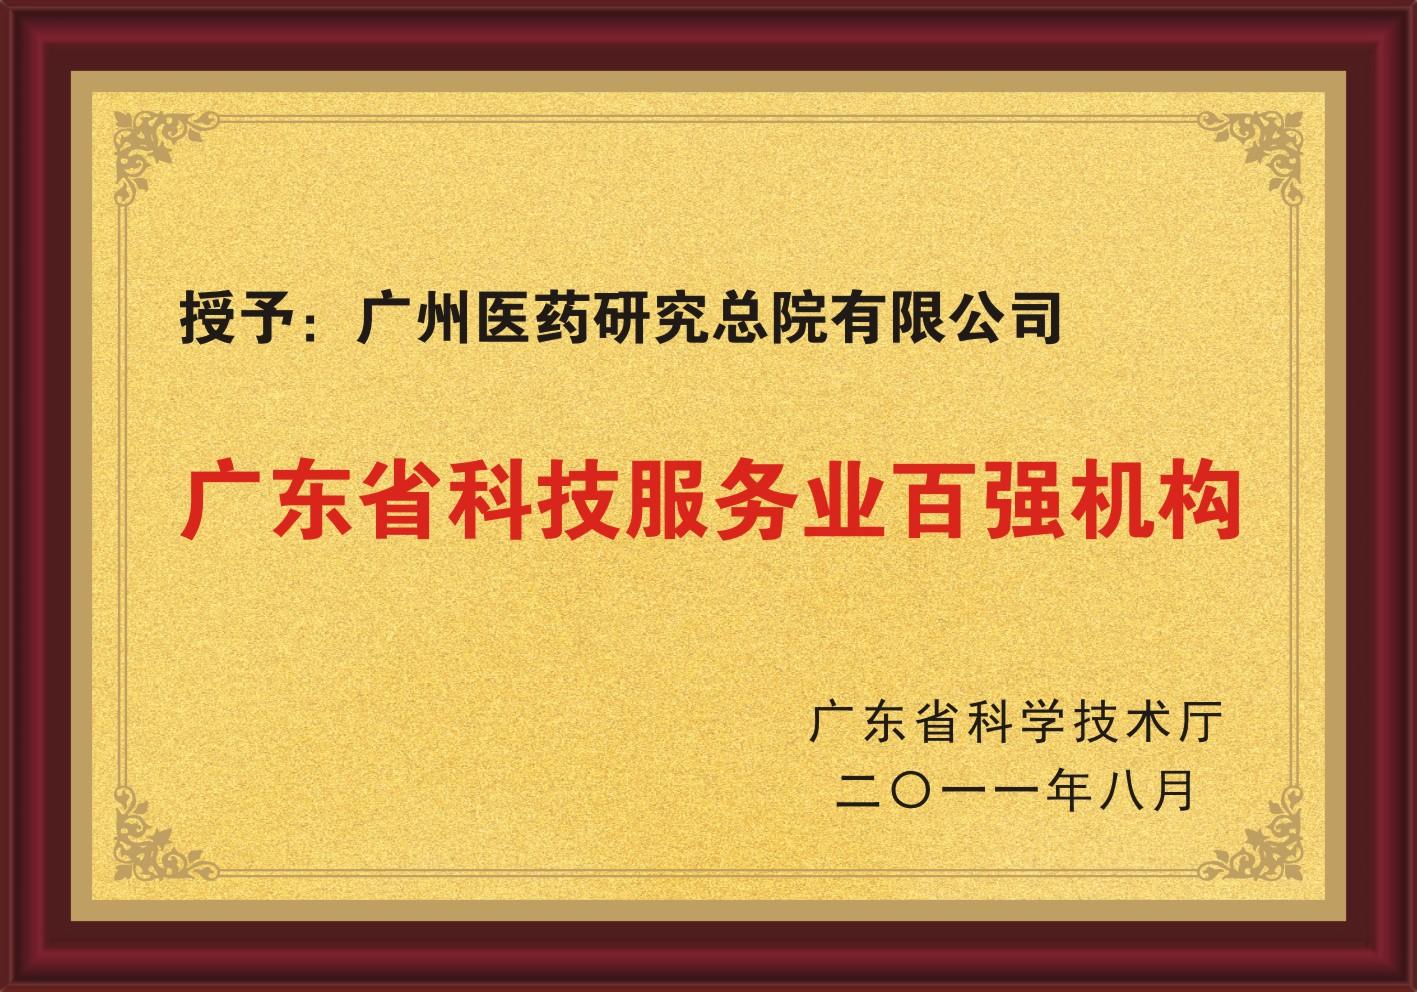 广东省科技服务业百强企业